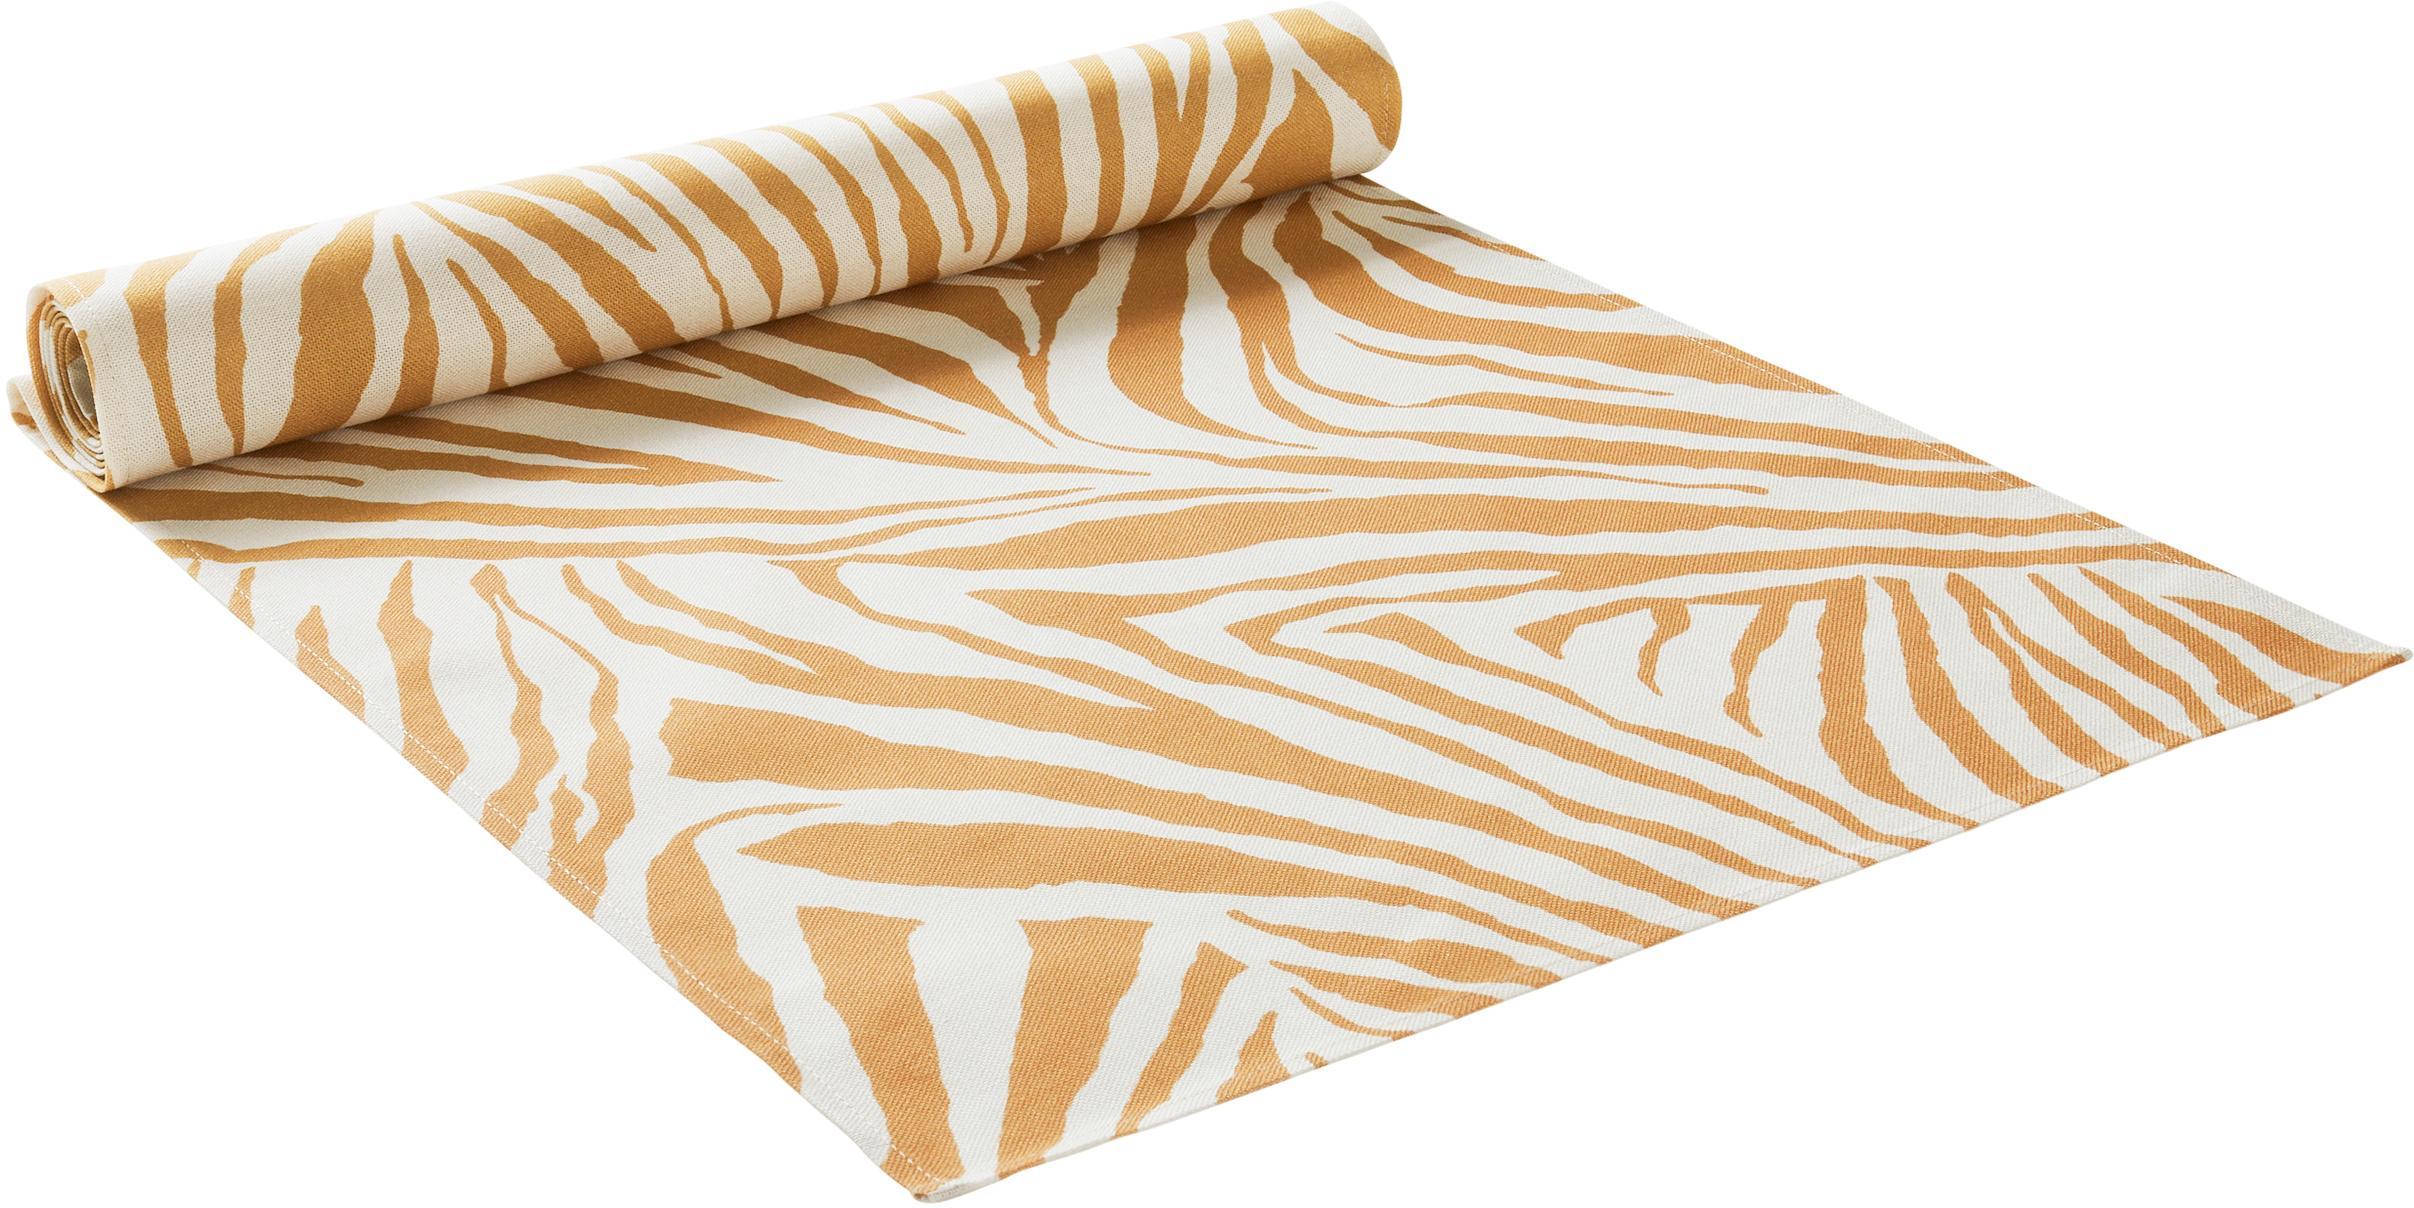 Camino de mesa Zadie, 100%algodón de cultivos sostenible de algodón, Mostaza, blanco crema, An 40 x L 140 cm